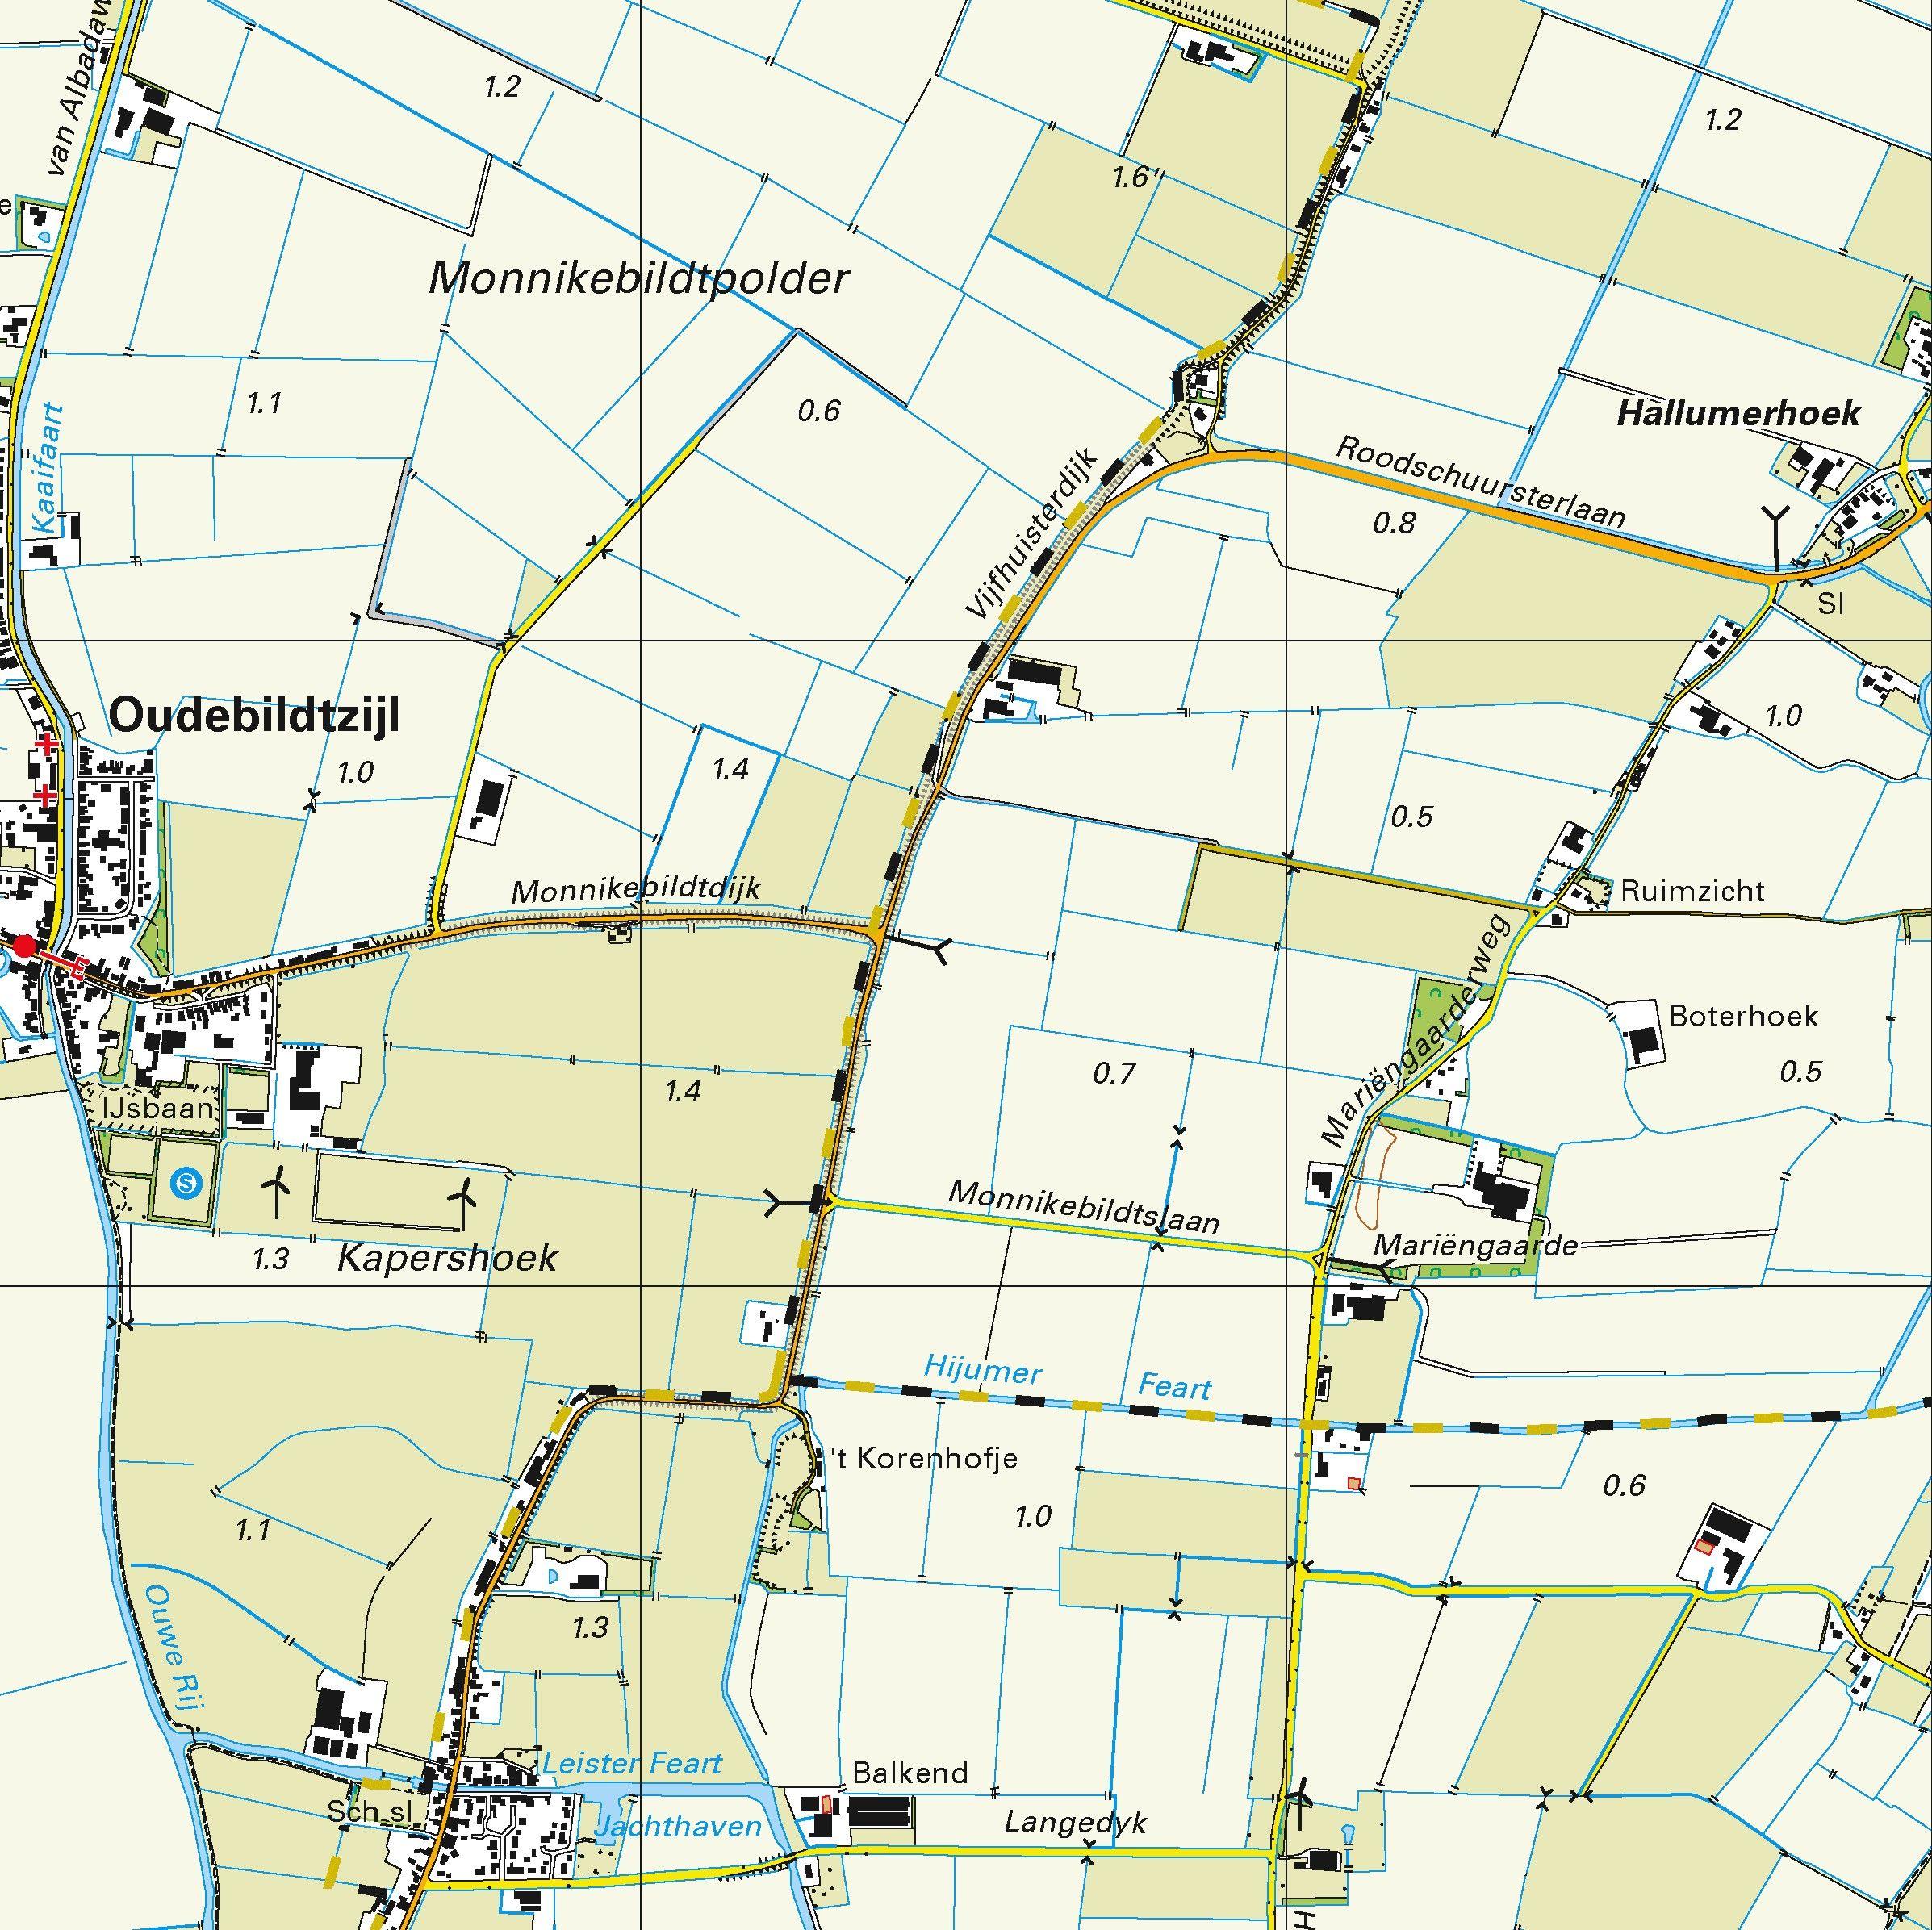 Topografische kaart schaal 1:25.000 (Ameland,  Sint-Annaparochie,  Vrouwenparochie)